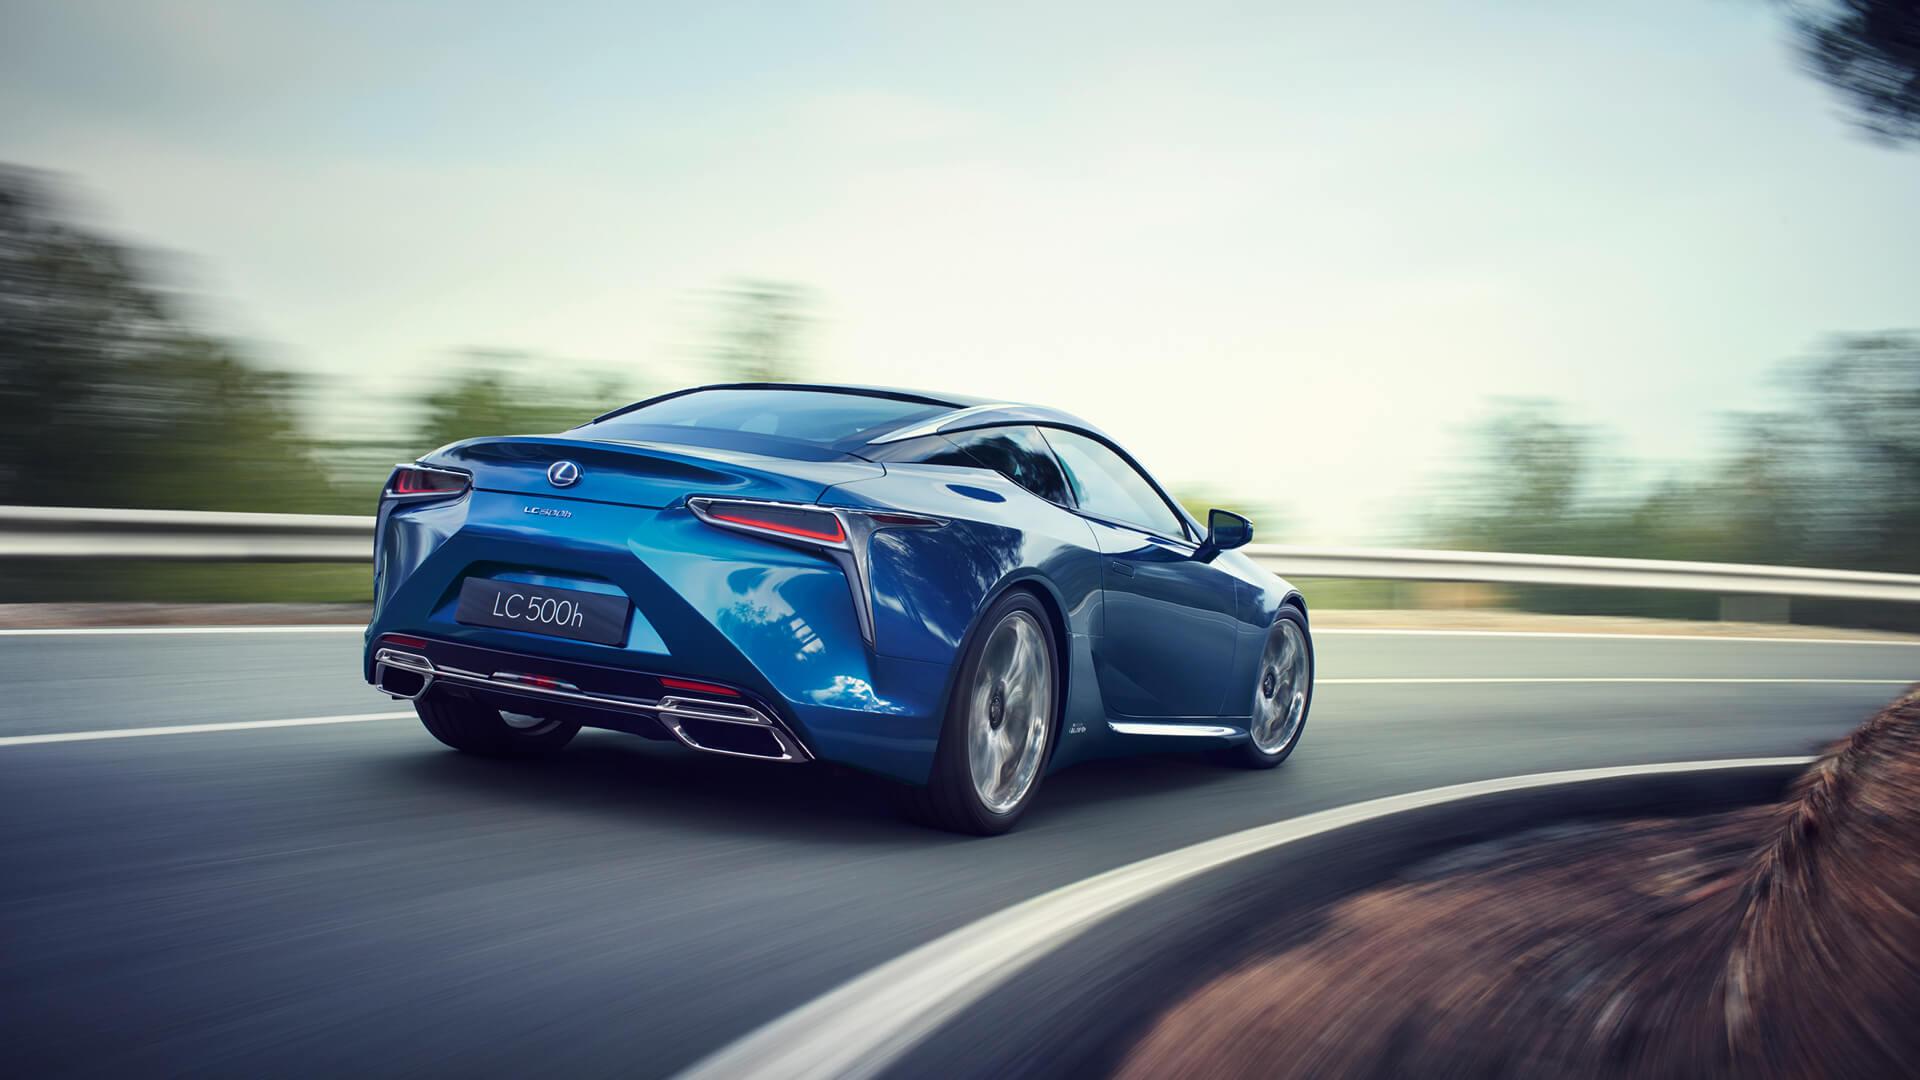 Blå sportssedan Lexus LC 500h selvladende hybrid ses bakfra